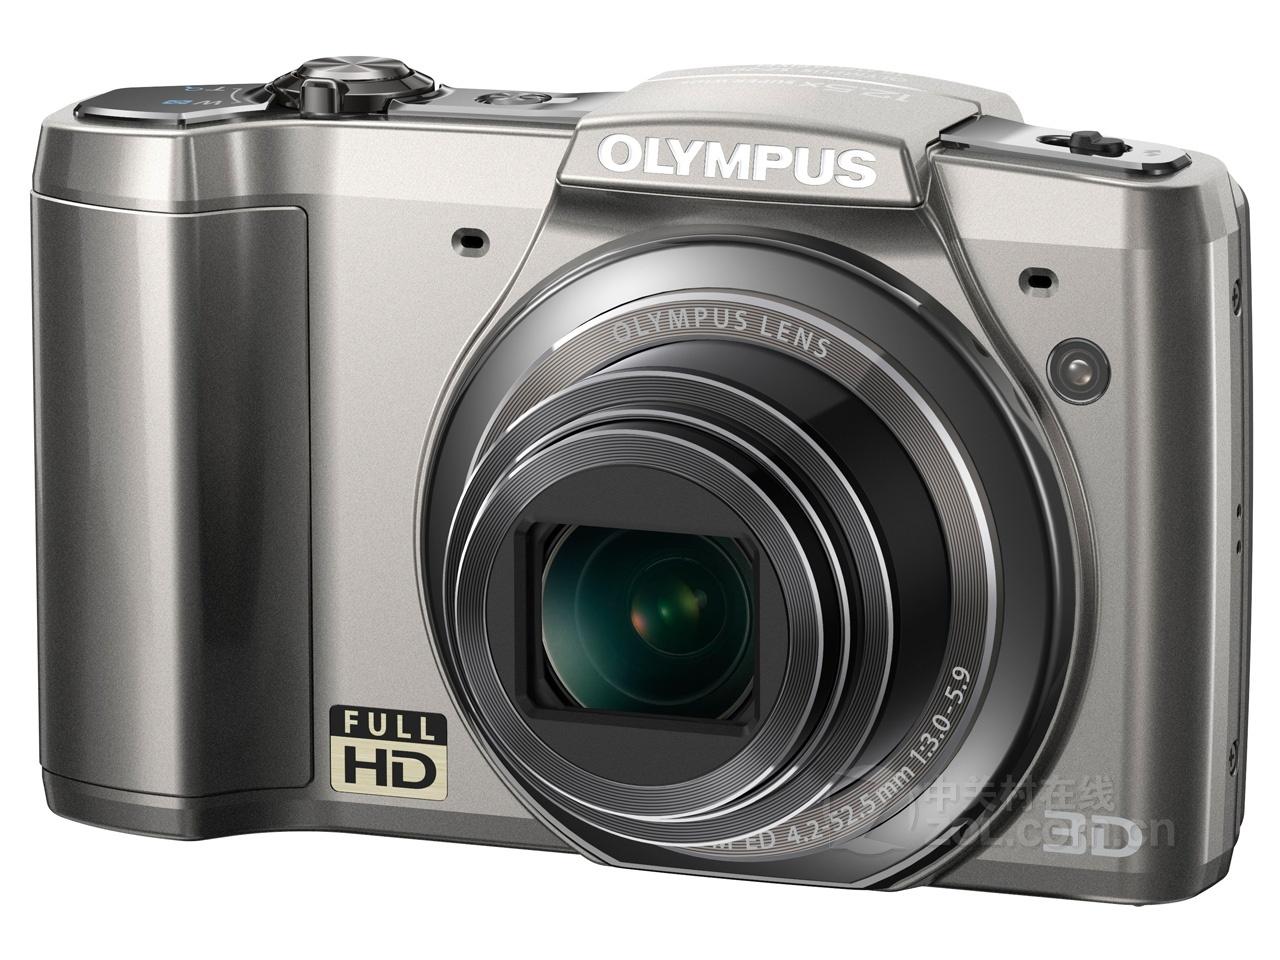 奥林巴斯SZ20拥有1600万像素成像能力,12.5倍光学变焦镜头,等效焦距为24-300mm,使用3英寸、46万像素液晶显示屏。机内图像处理系统方面,使用TruePic +影像处理器。功能上,除了包含多种智能场景拍摄之外,还内置了8种的魔术滤镜,同时支持3D图像的拍摄,全景拍摄以及1080P全高清的视频拍摄。奥林巴斯SZ20体积小巧性能强悍,无论是广角、长焦拍摄还是高清摄像都可轻松应对。创意滤镜模式可玩性更强,使用的是USB充电模式,当使用数据线连接电脑时,即可为相机内的锂电池充电,十分方便。